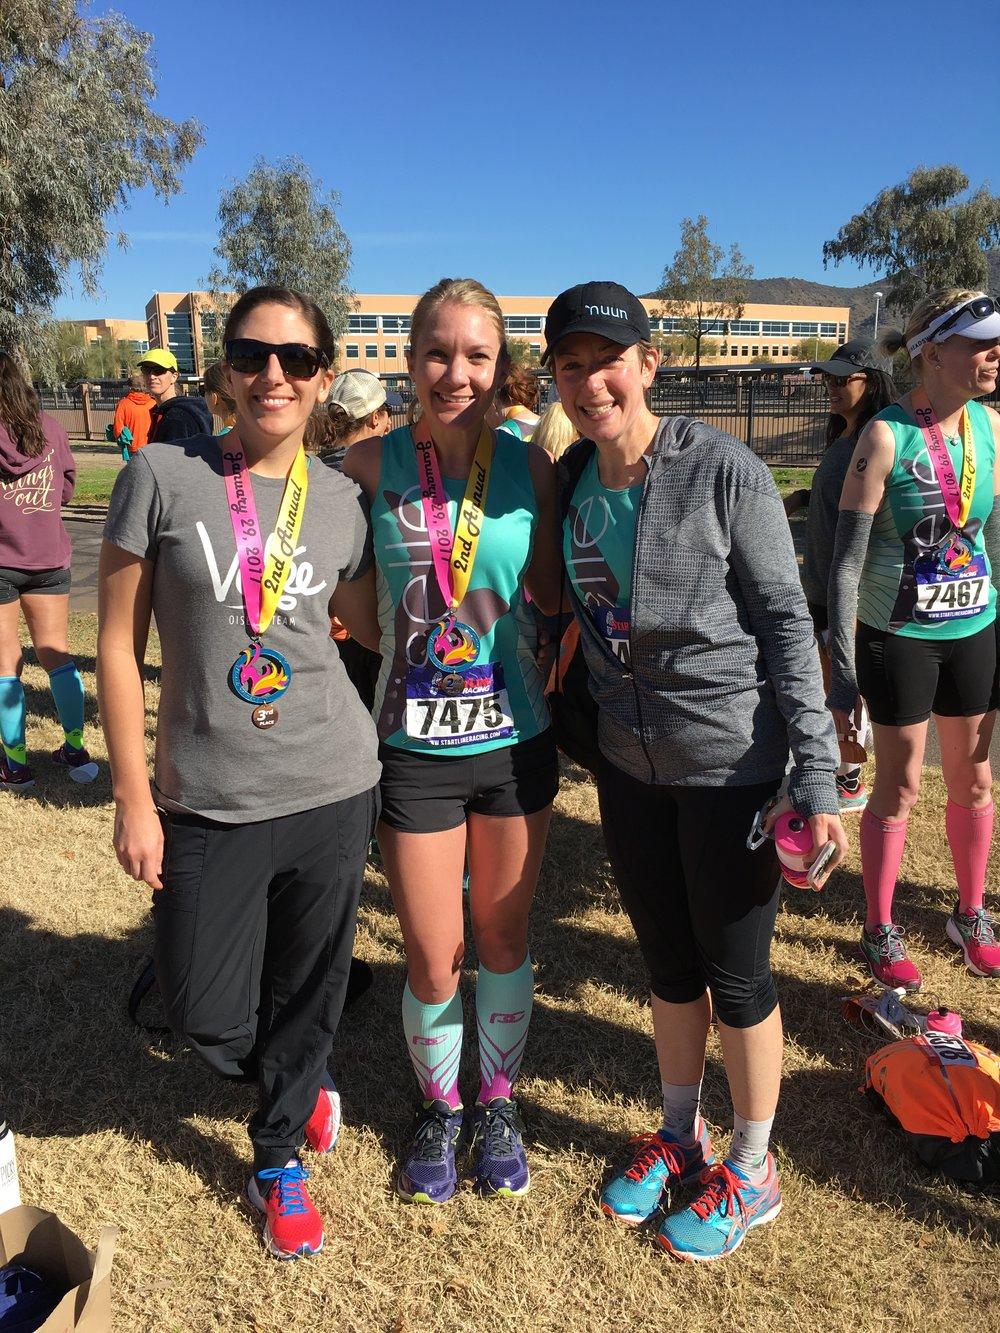 Phoenix Women's Half Marathon Weekend — Running 'n' Reading